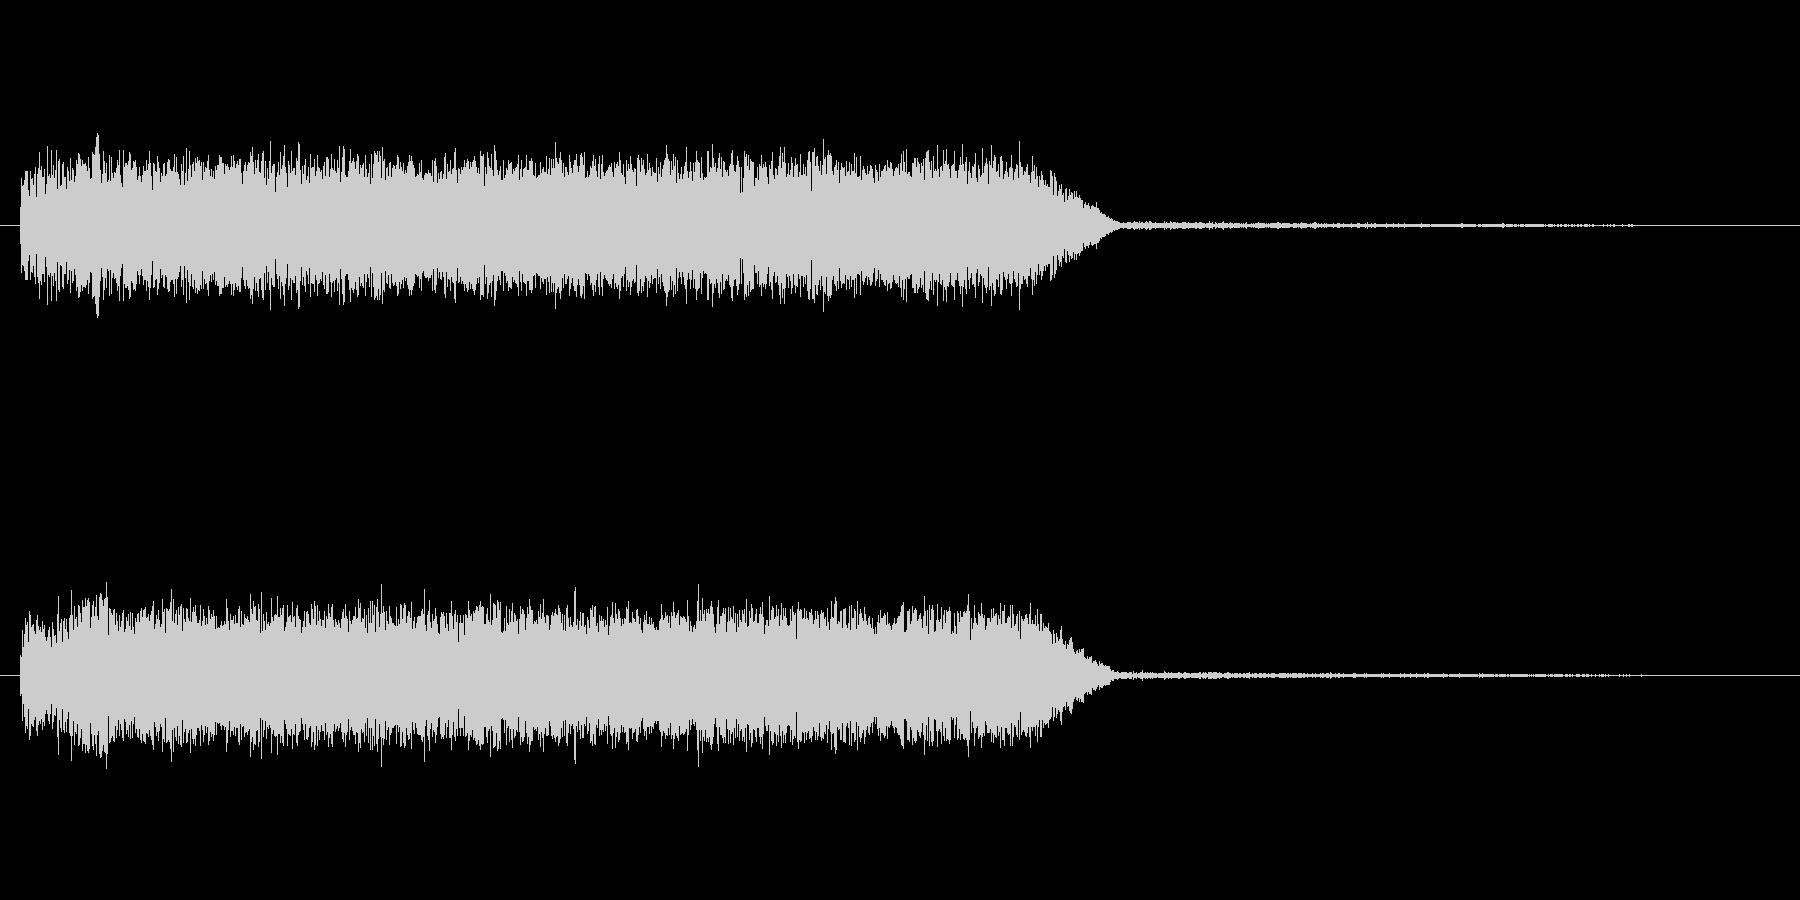 ウィーーン 光線 サイレン ロボの未再生の波形